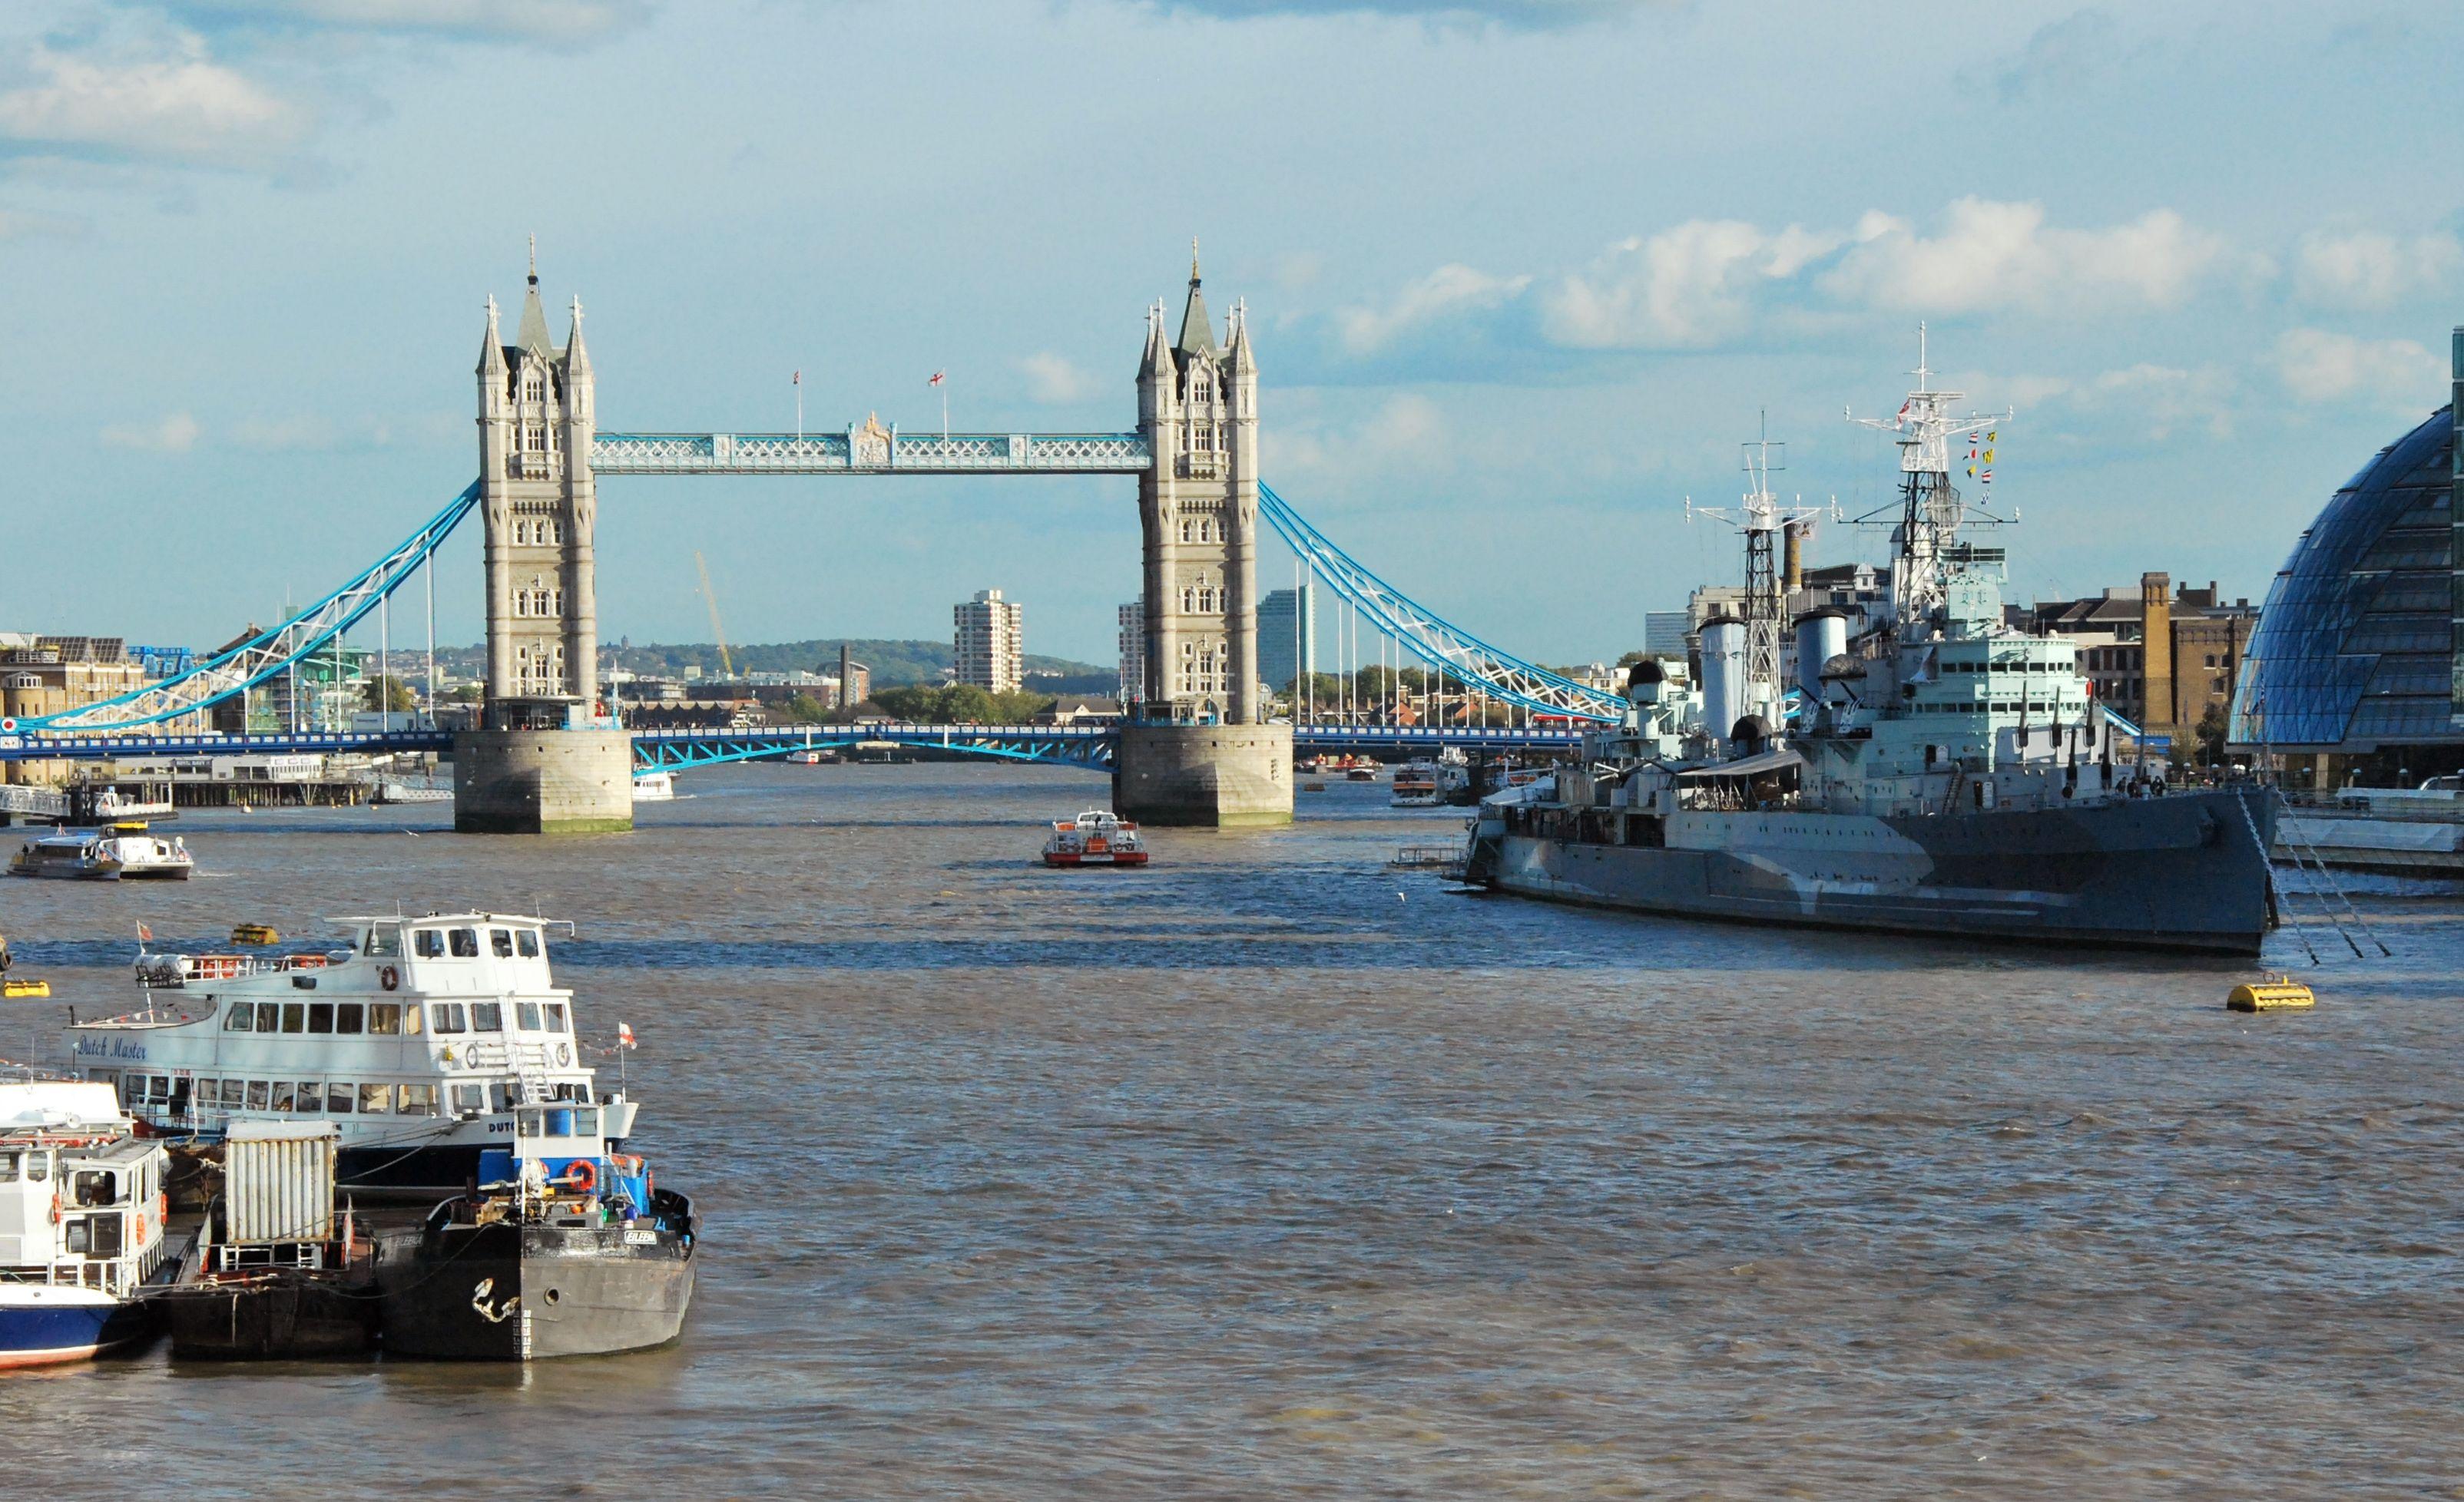 Londone � butus investav� lietuviai: per 2 metus situacija stabilizuosis